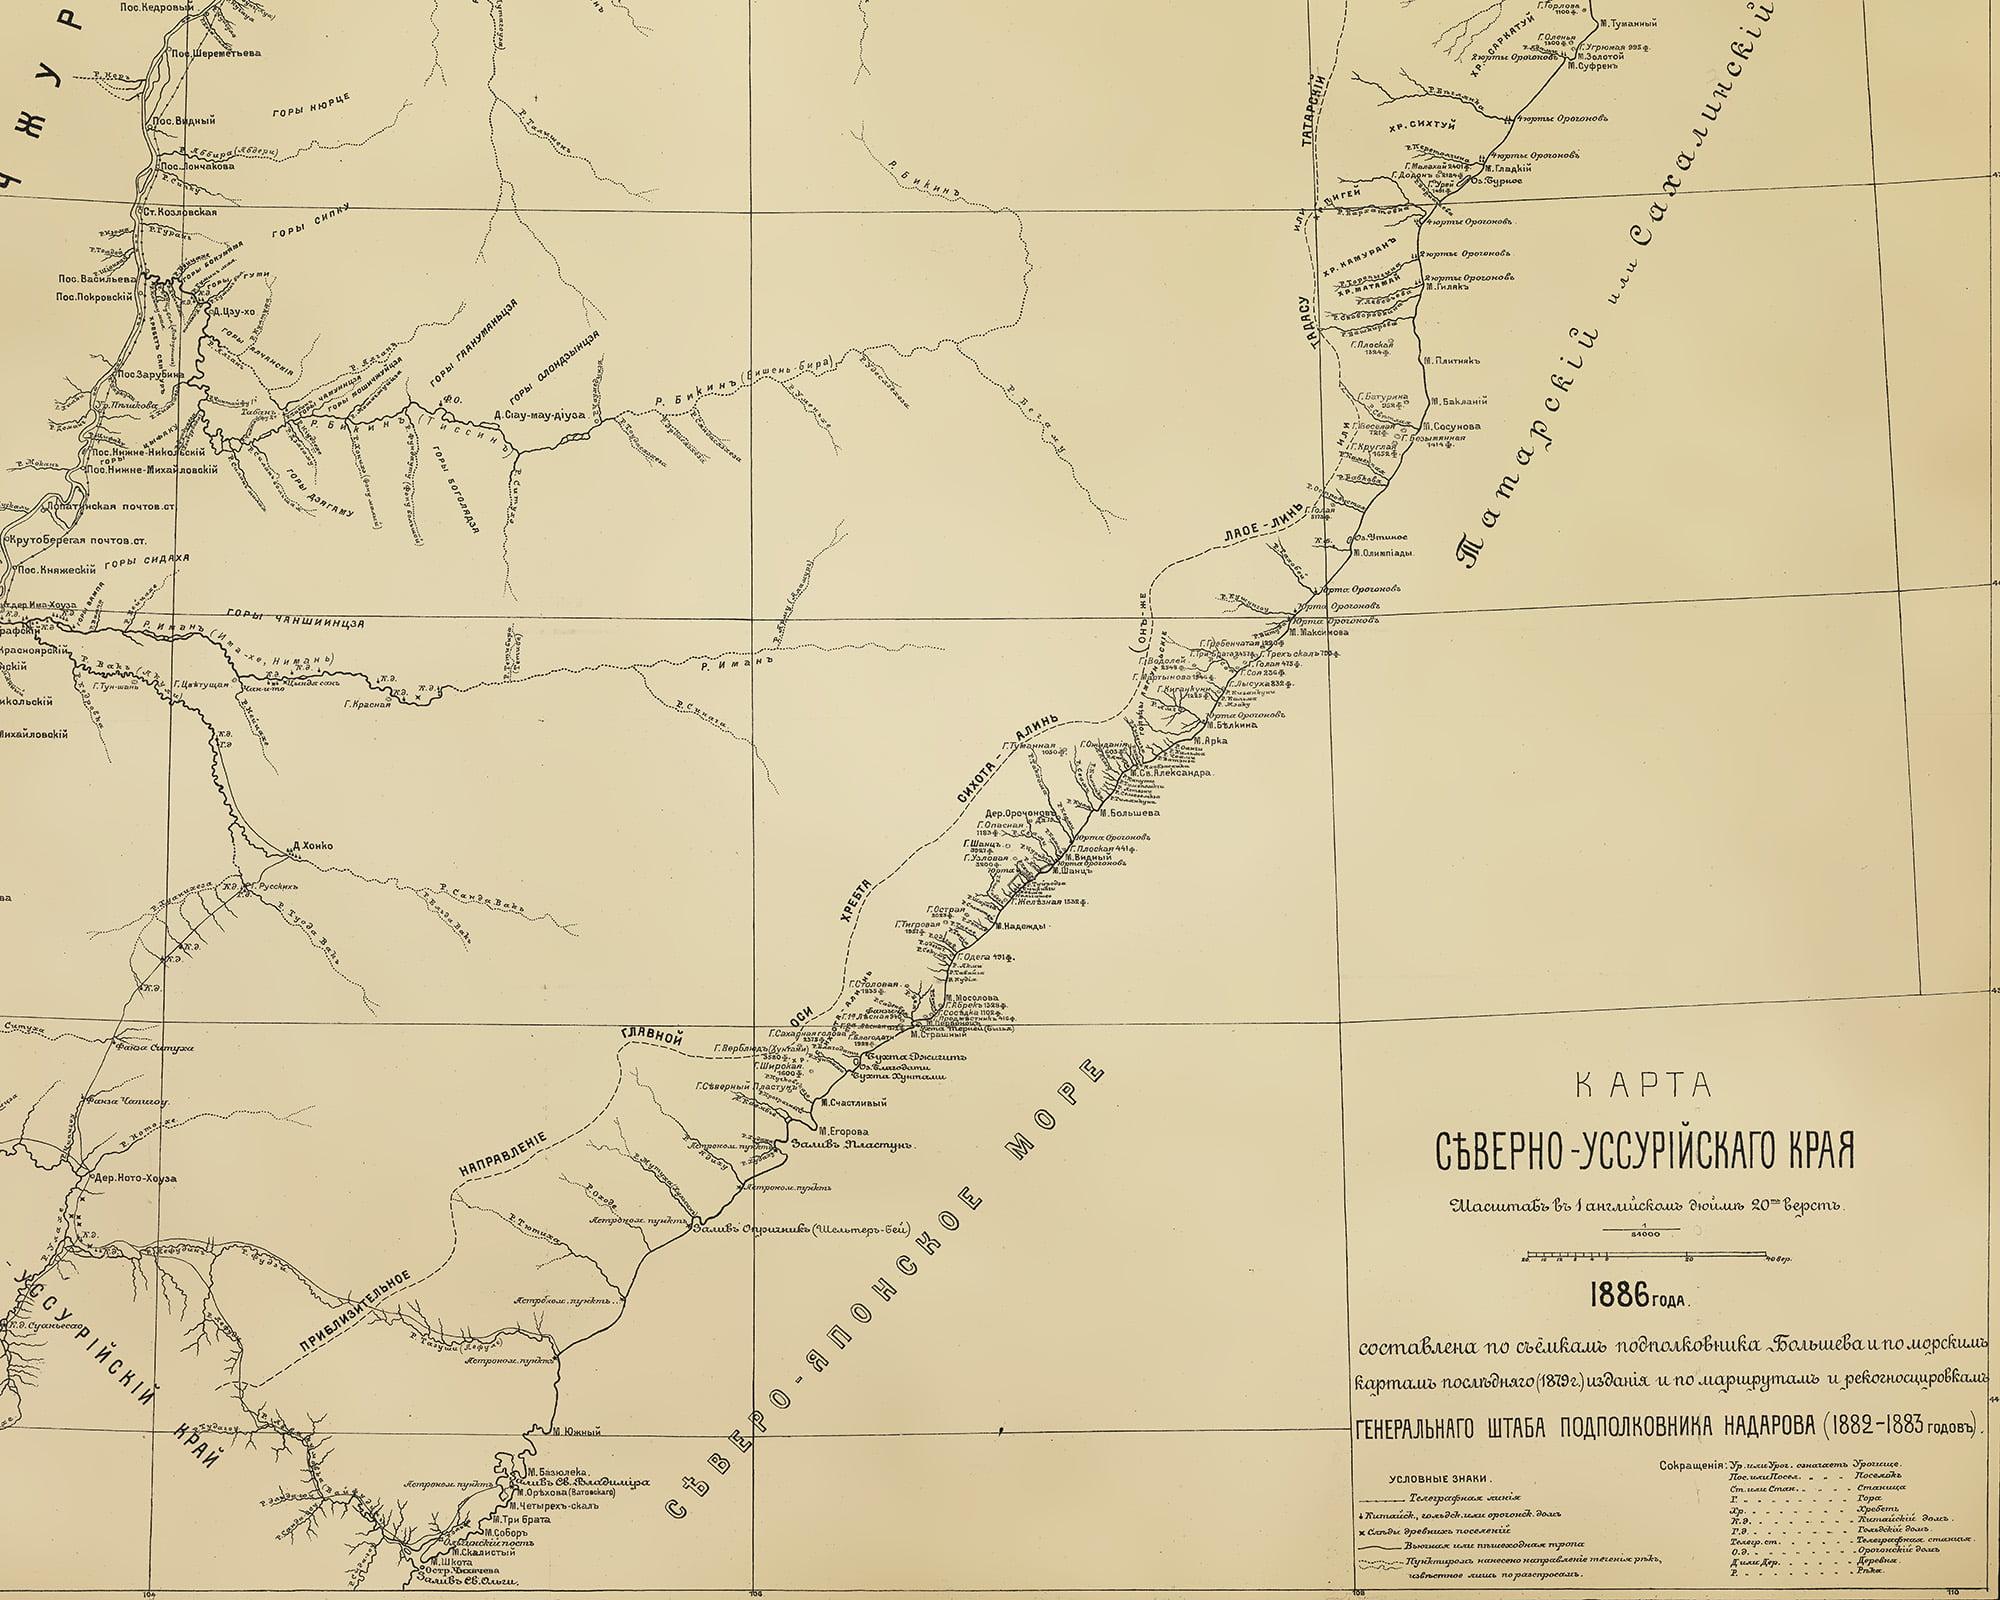 severo-ussuriyskiy-kray-18861